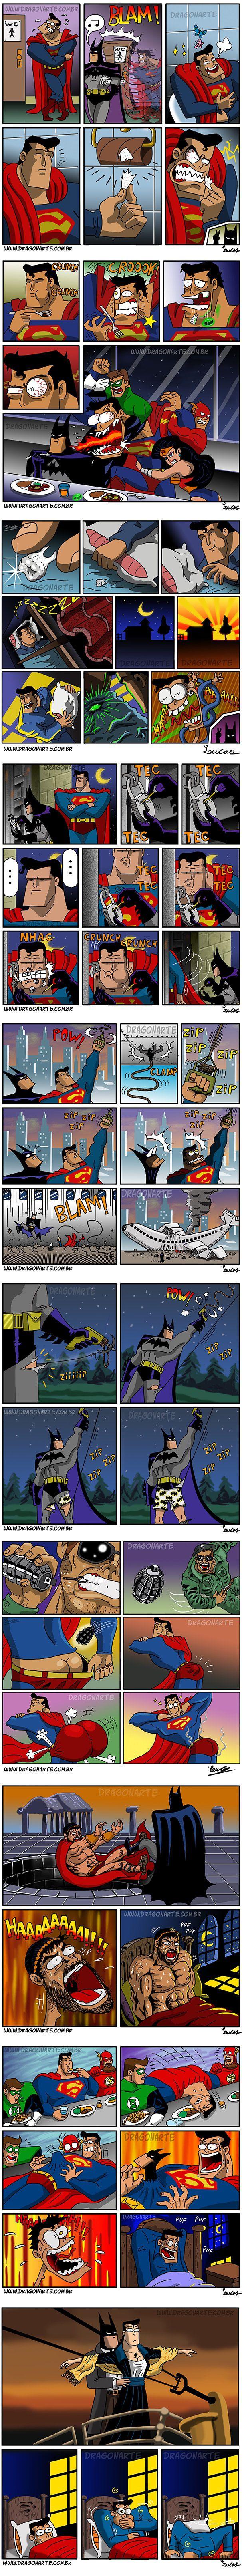 Bat Man & Super man